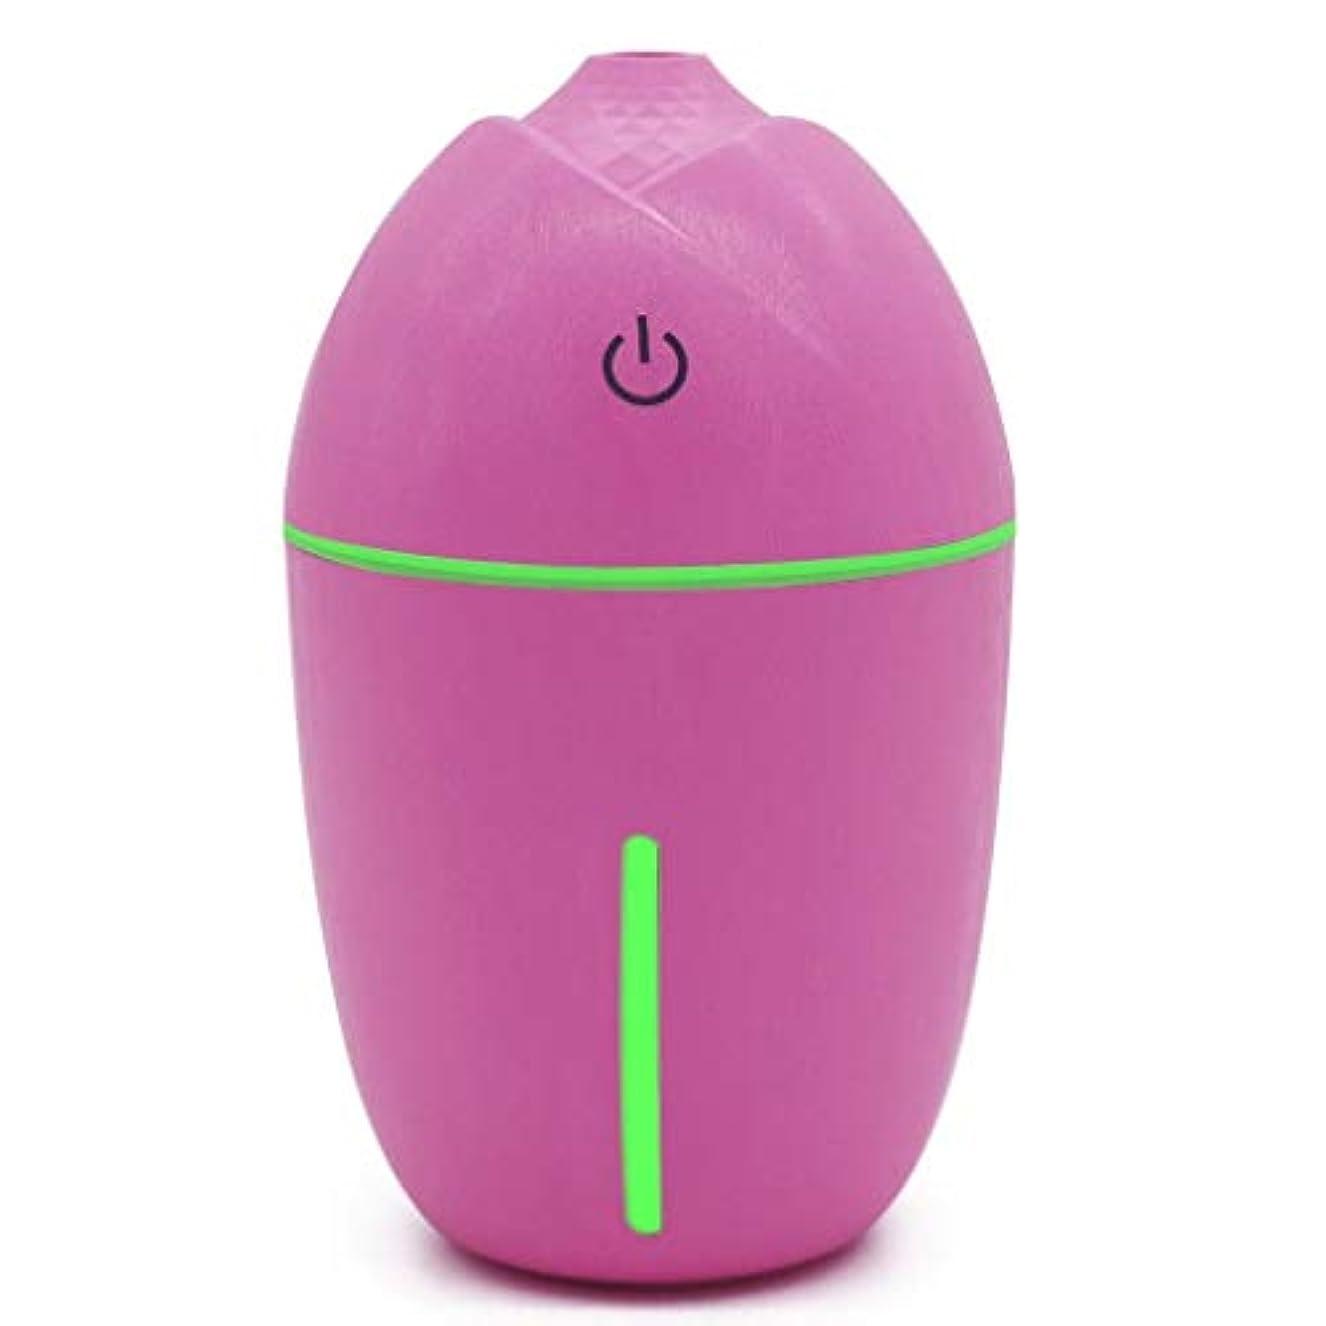 属性バウンドキャンバス180ミリリットルミニアロマエッセンシャルオイルディフューザー、usb超音波クールミスト加湿器付きledナイトライト用オフィスホームリビングルーム研究ヨガスパ (Color : ピンク)